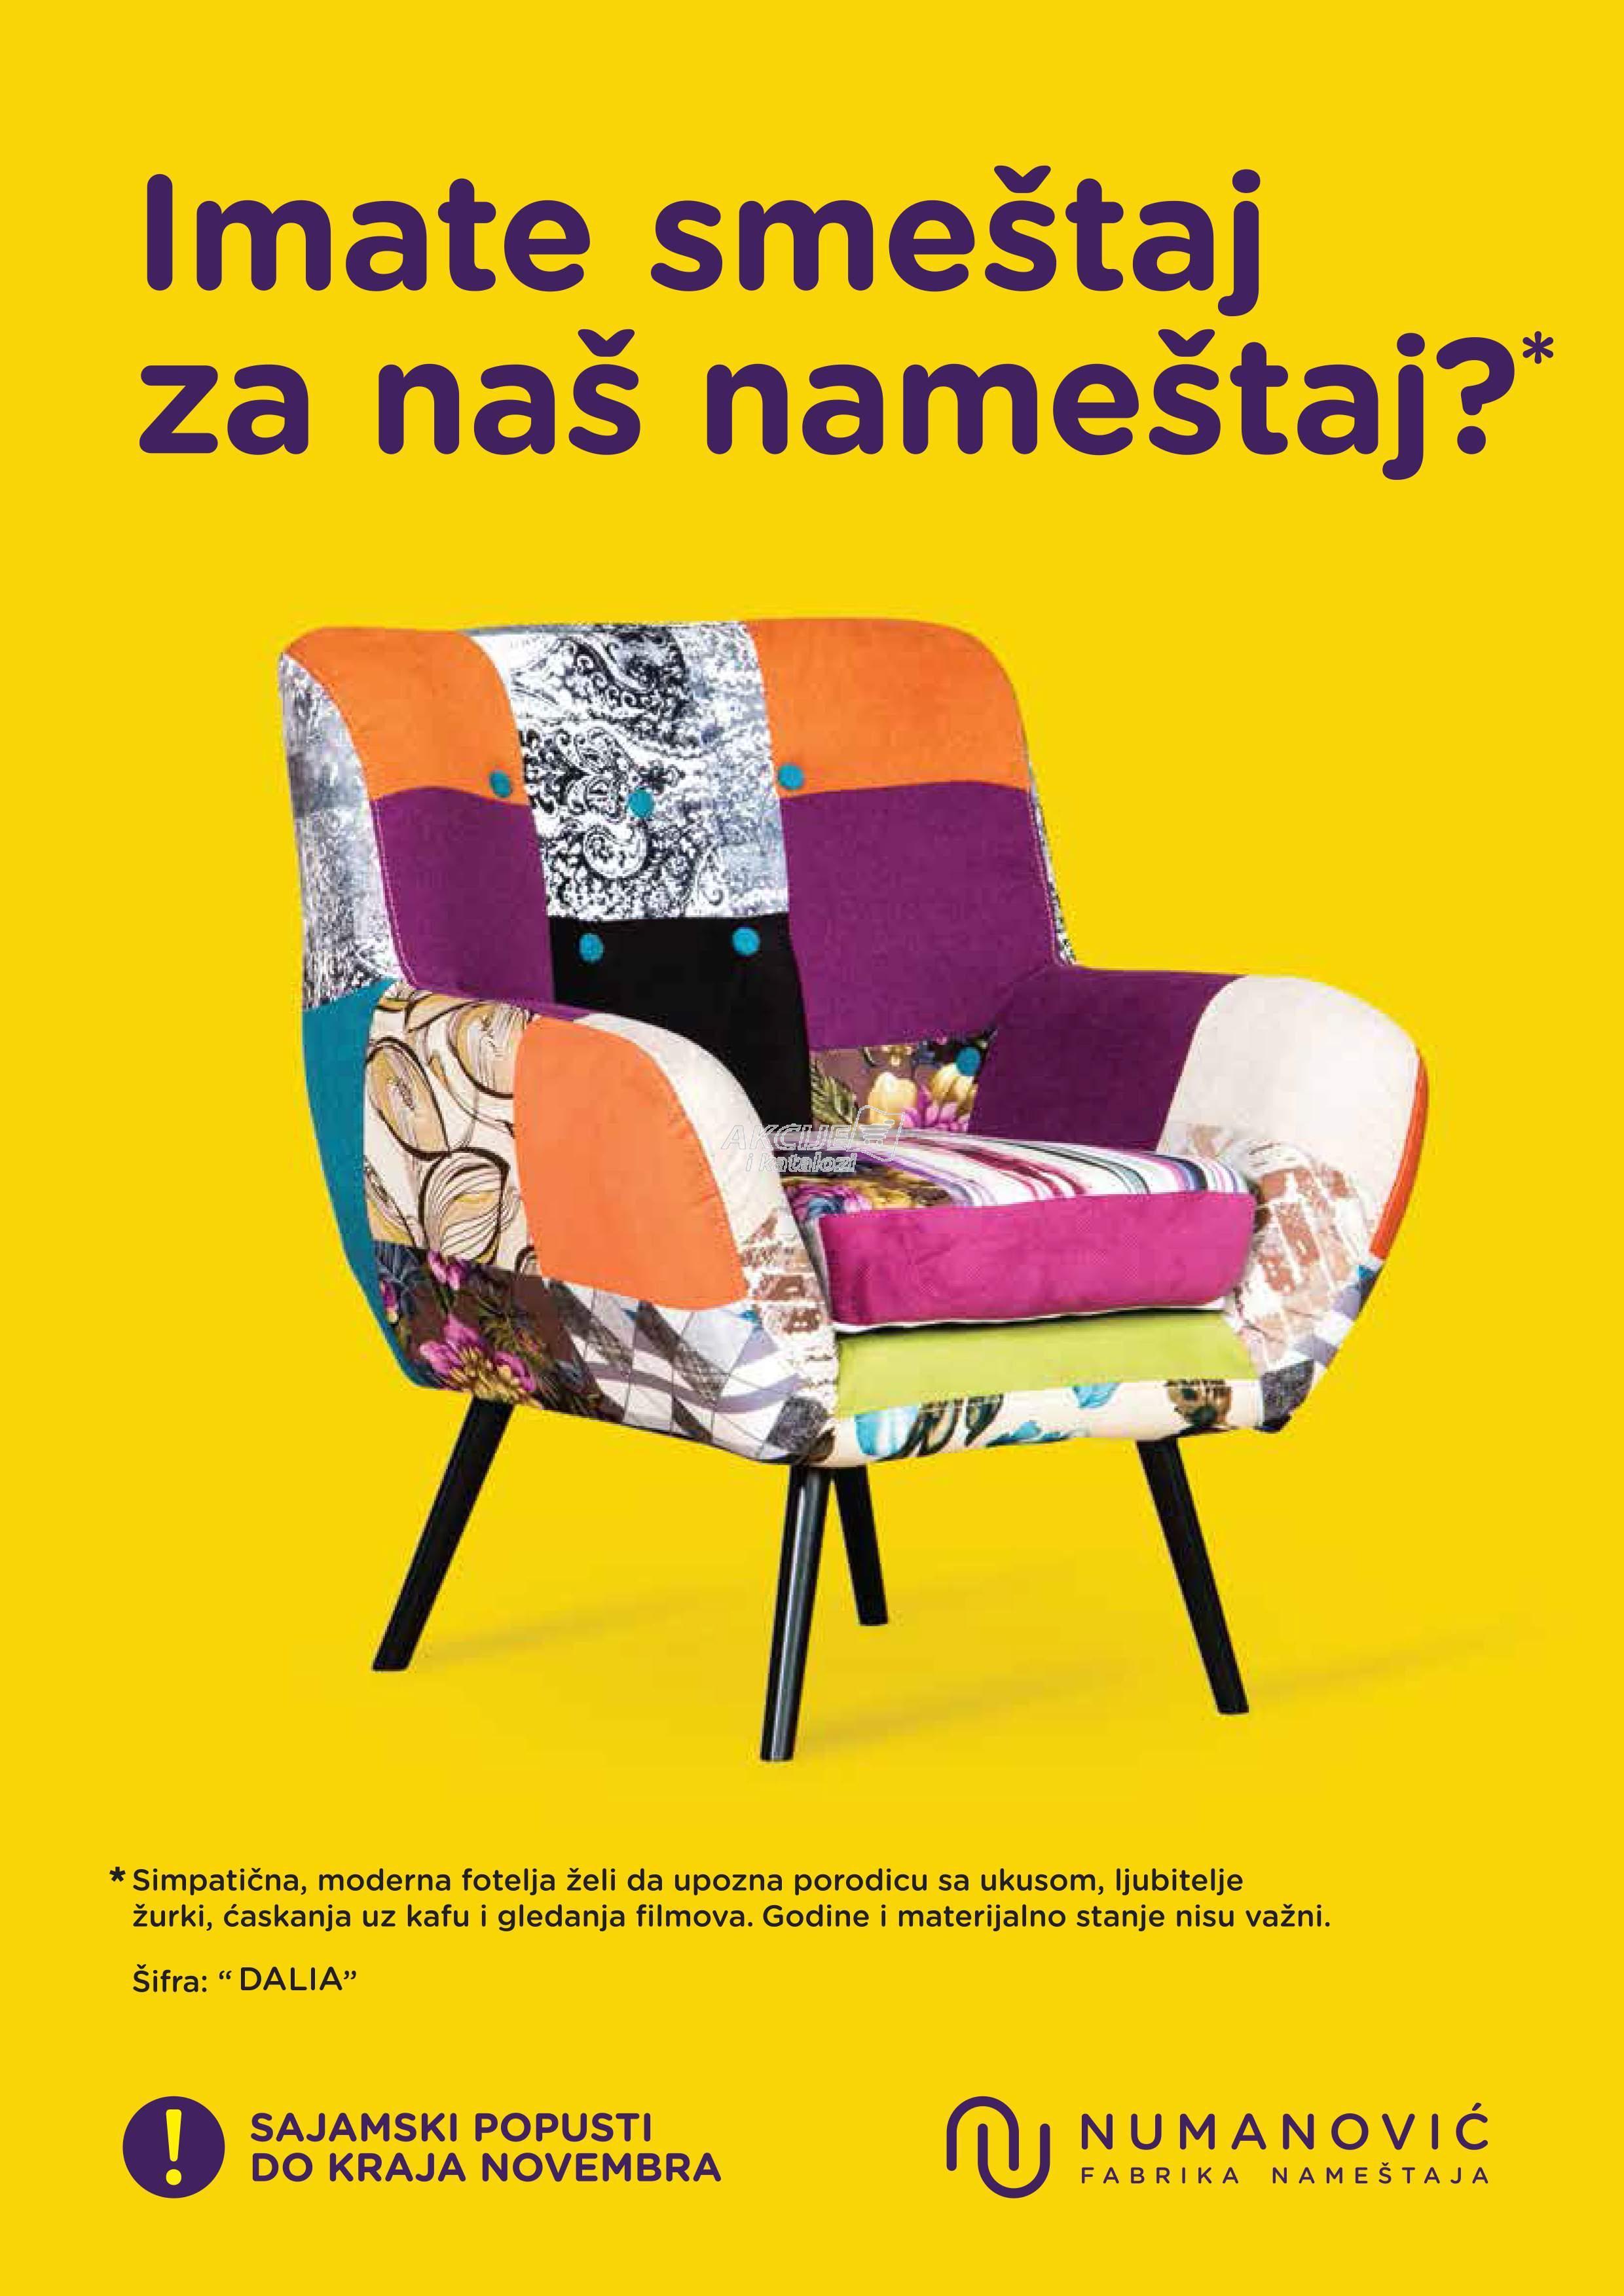 Numanović akcija super kupovine